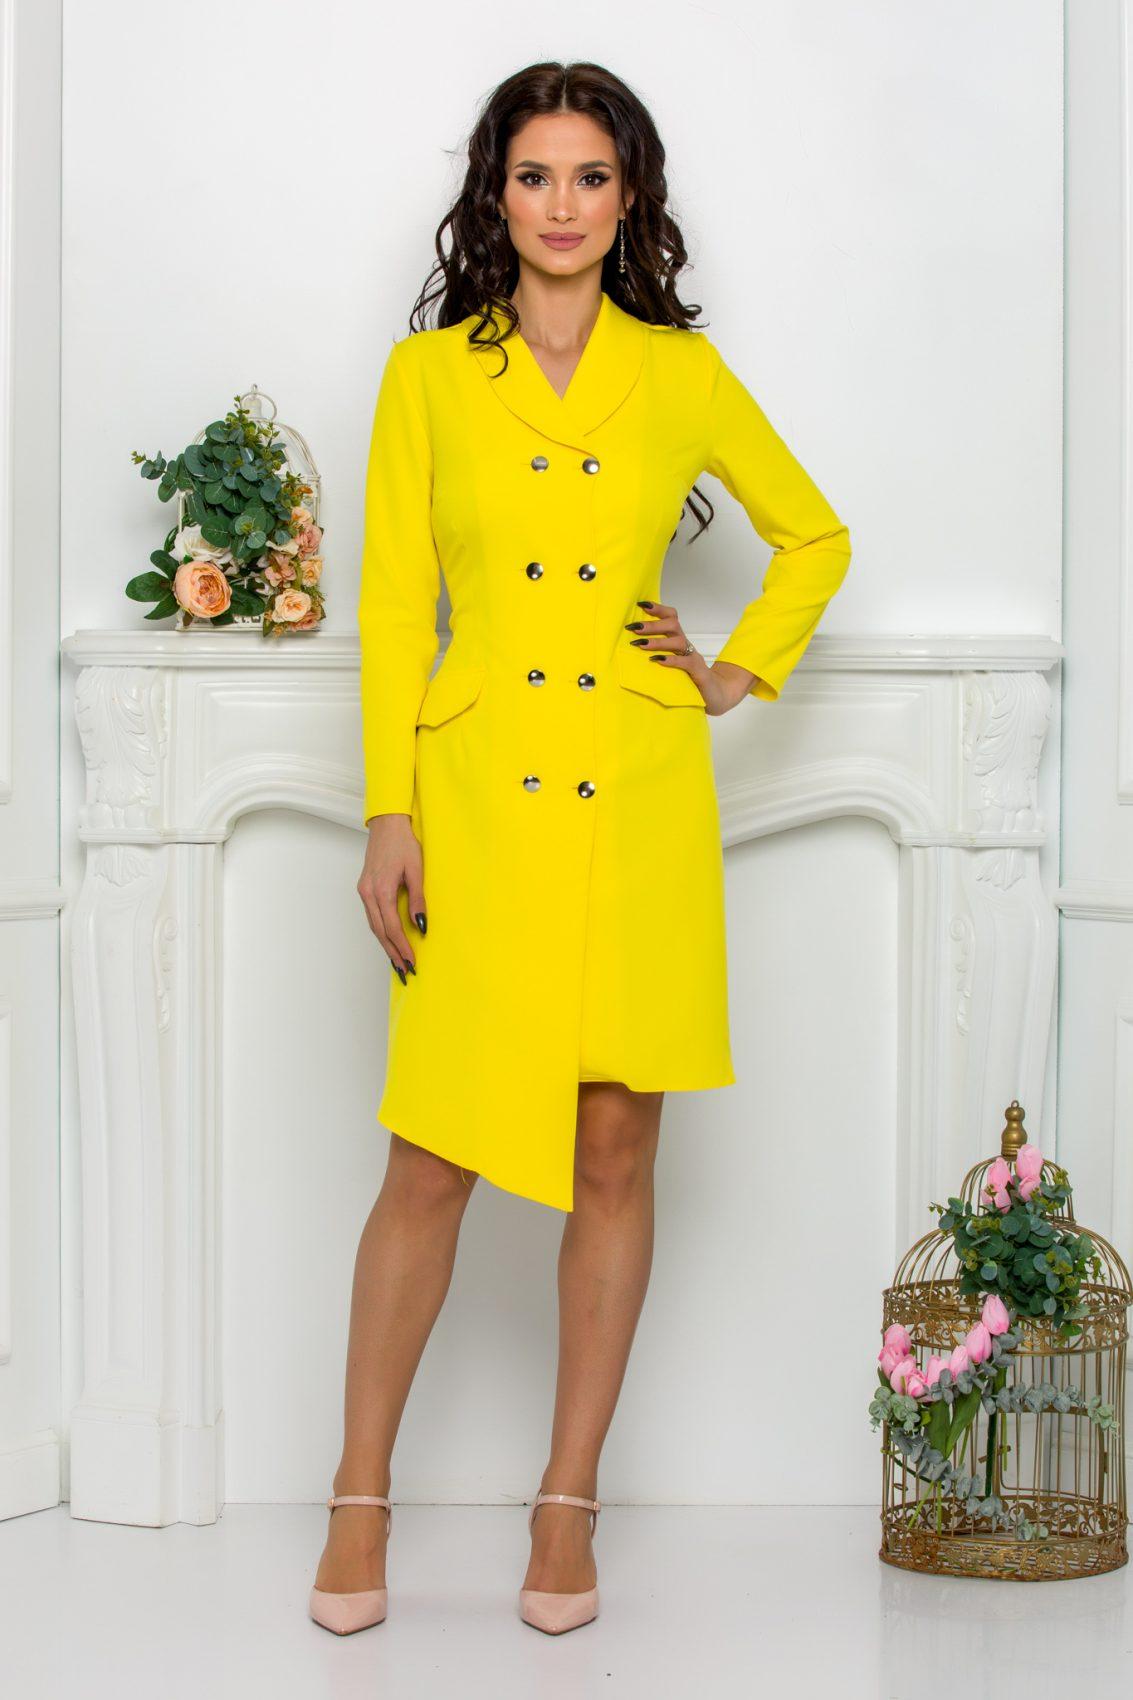 Κίτρινο Φόρεμα Με Κουμπιά Yndira 9634 1